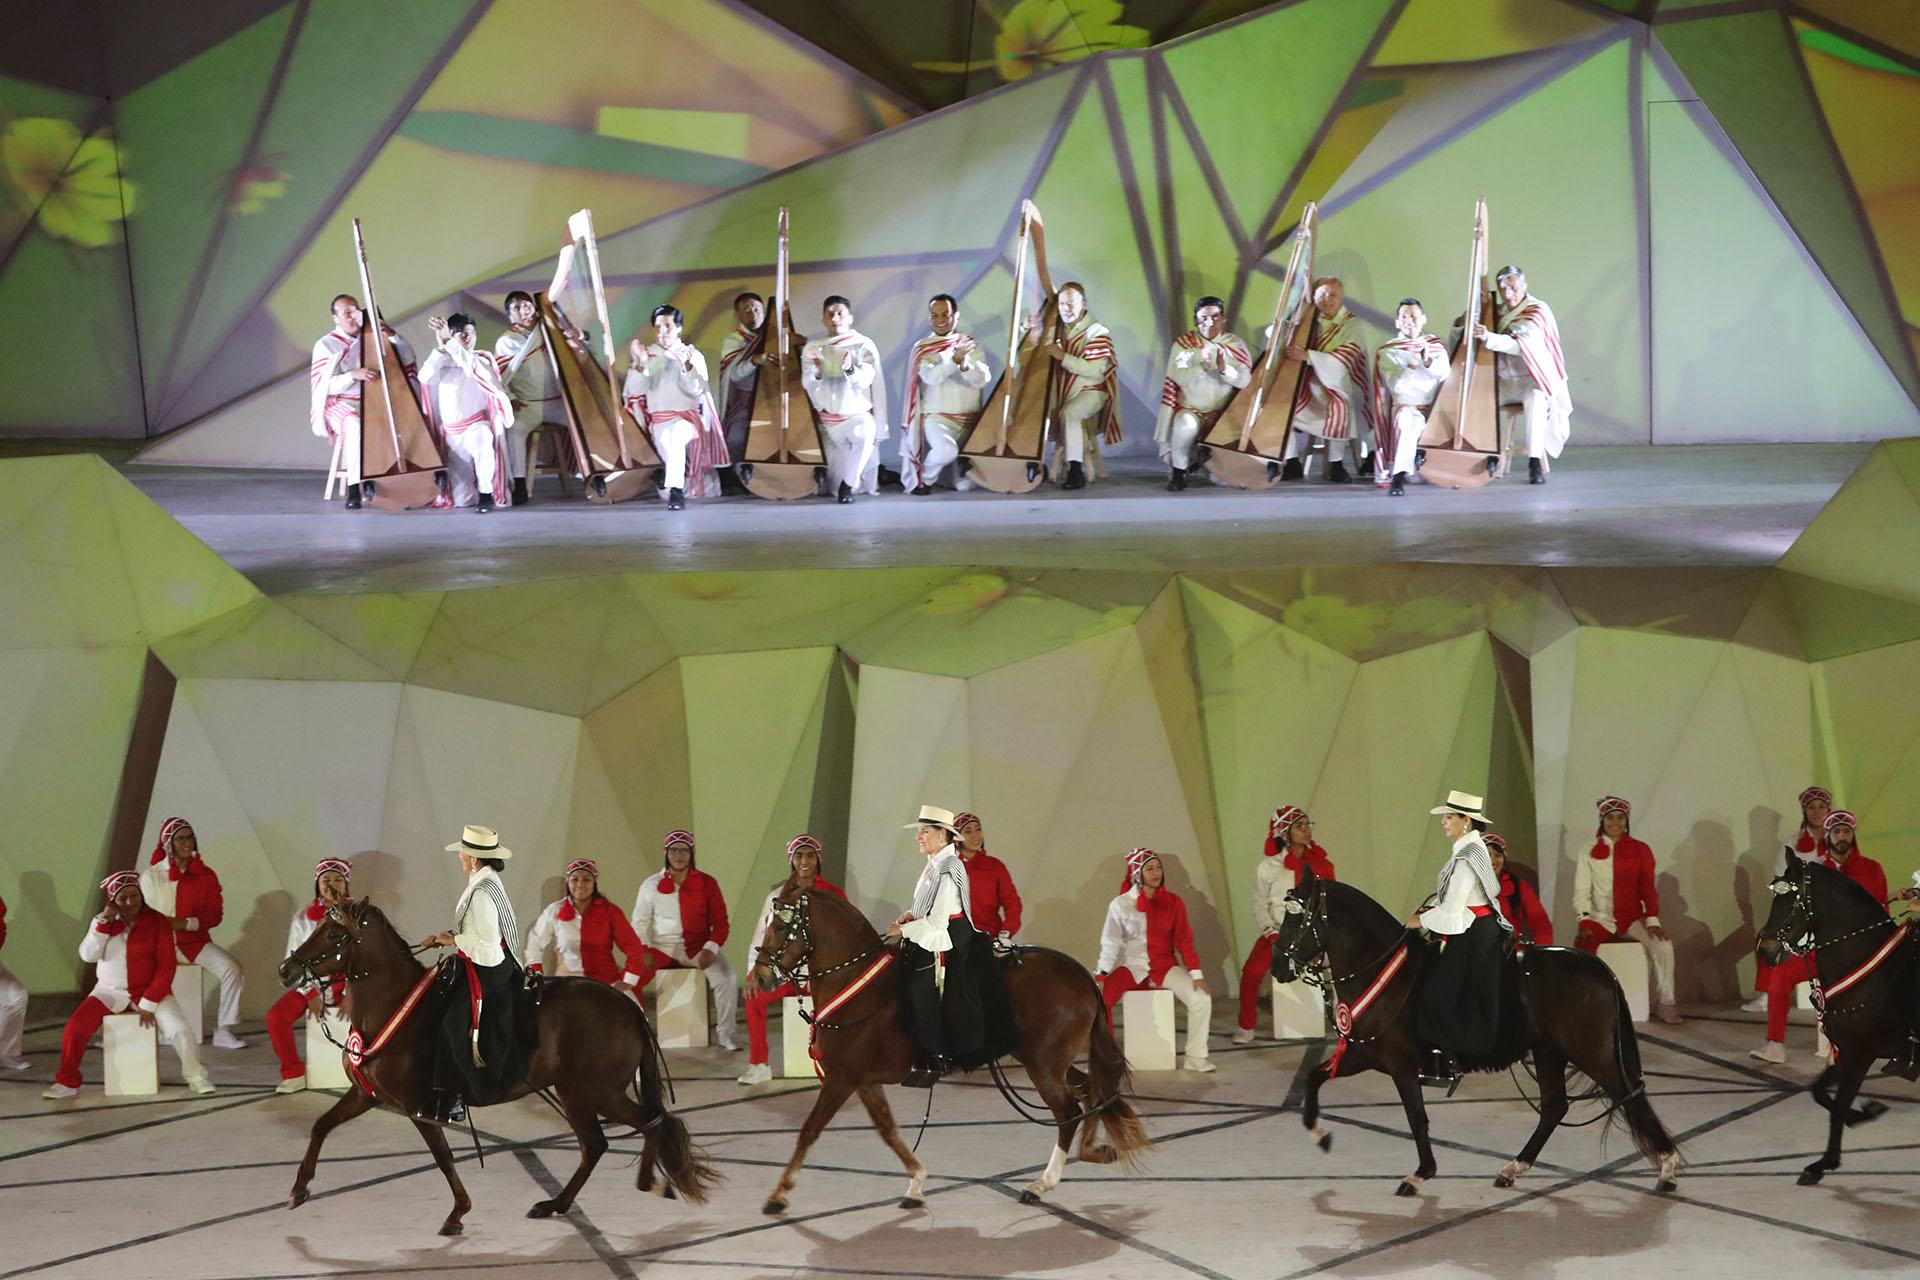 En un fragmento de la ceremonia de apertura varios hombres danzaron con caballos(REUTERS/Sergio Moraes)